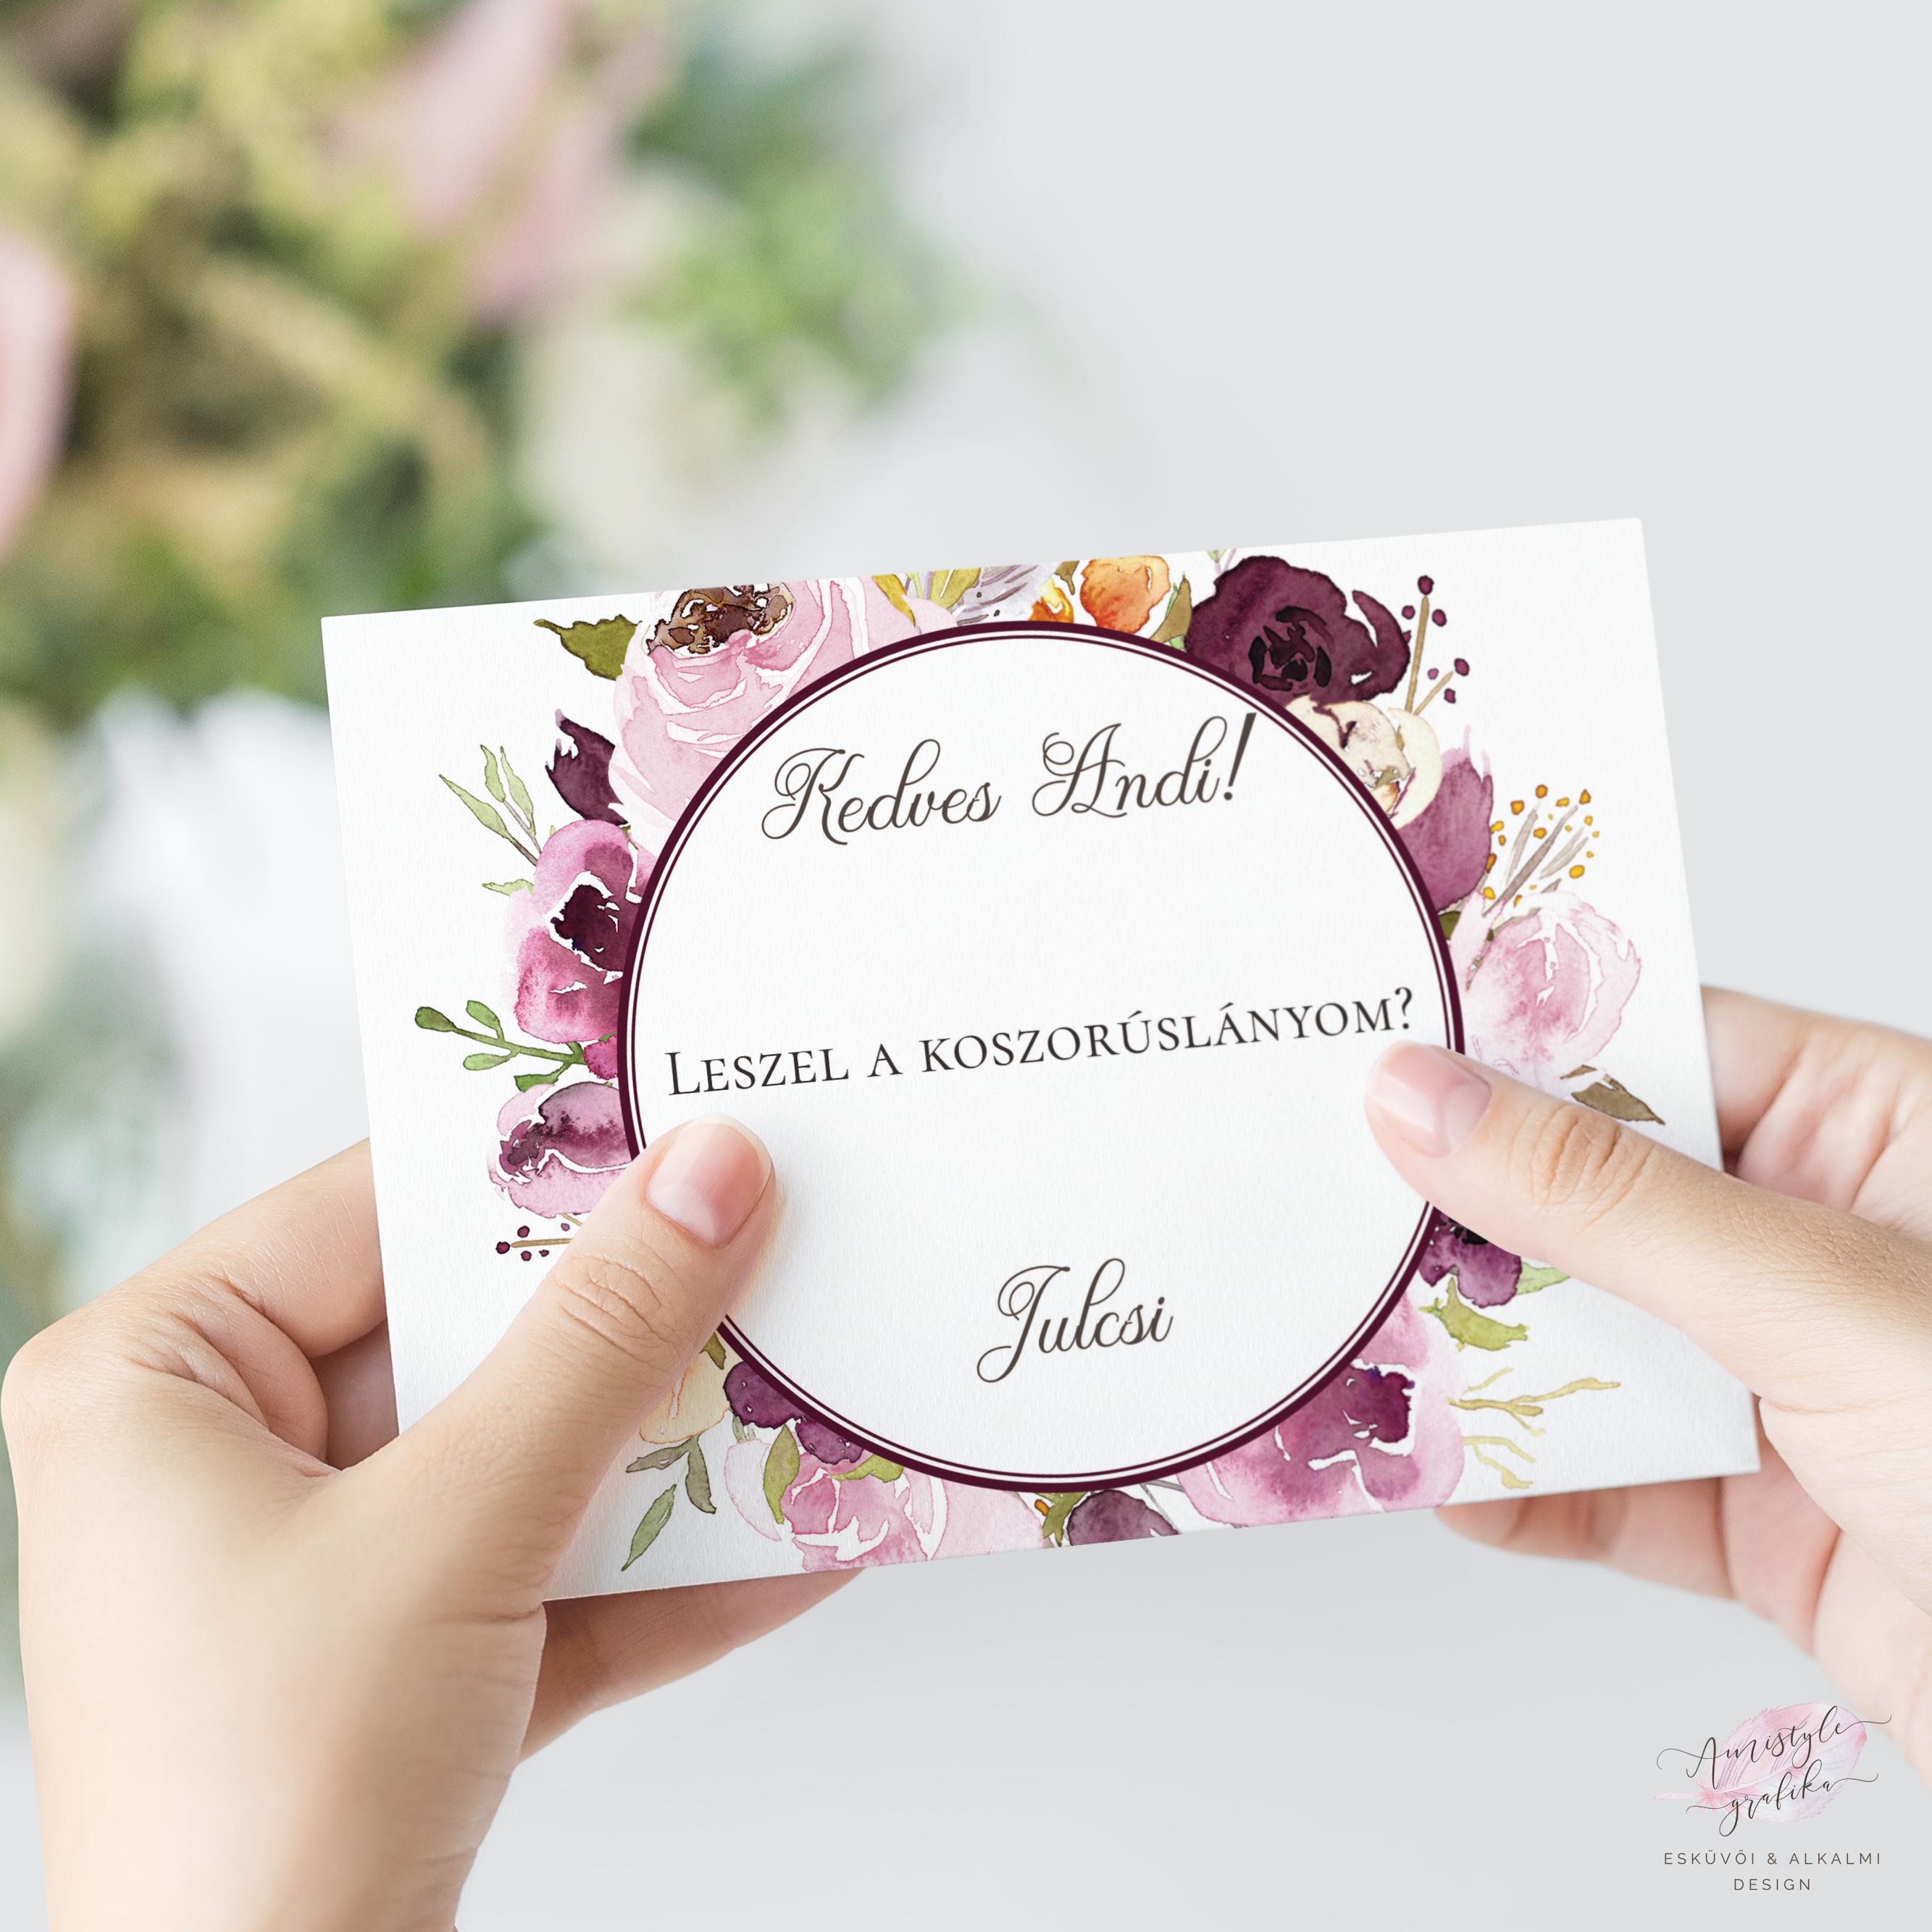 bc1a727eeb Bordó Virágos Koszorúslány Felkérő Lap - Esküvői Meghívó, Alkalmi és  Családi Grafika Webáruház